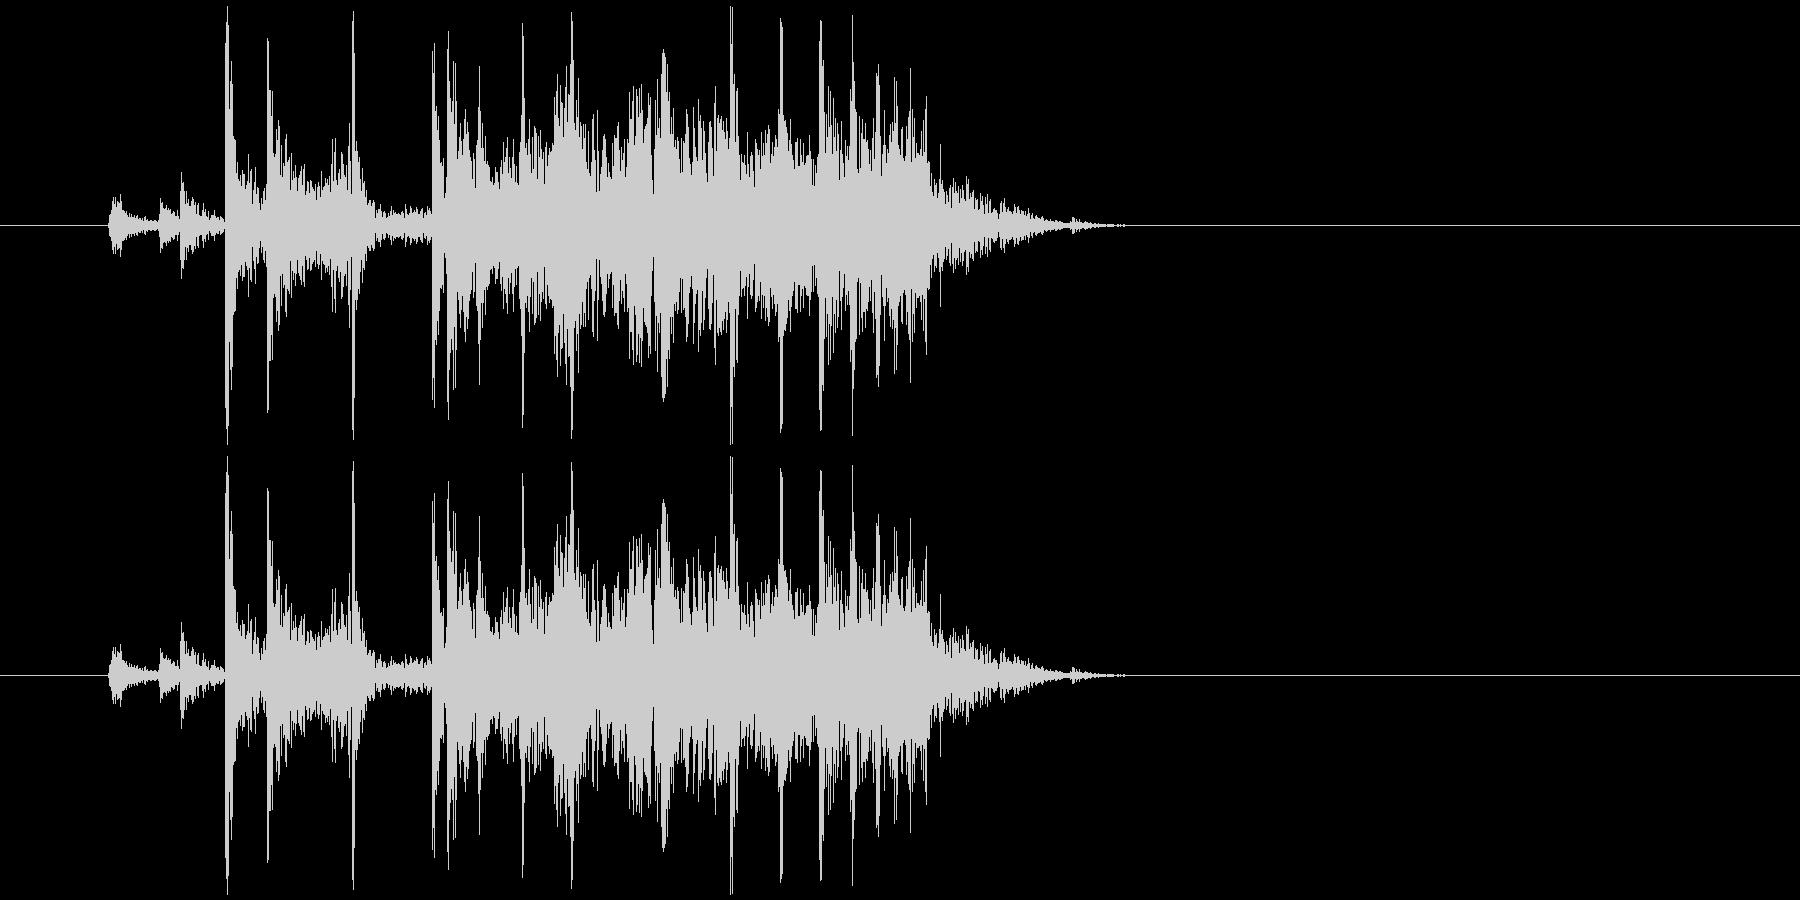 (カラン)空き缶を転がす音の未再生の波形